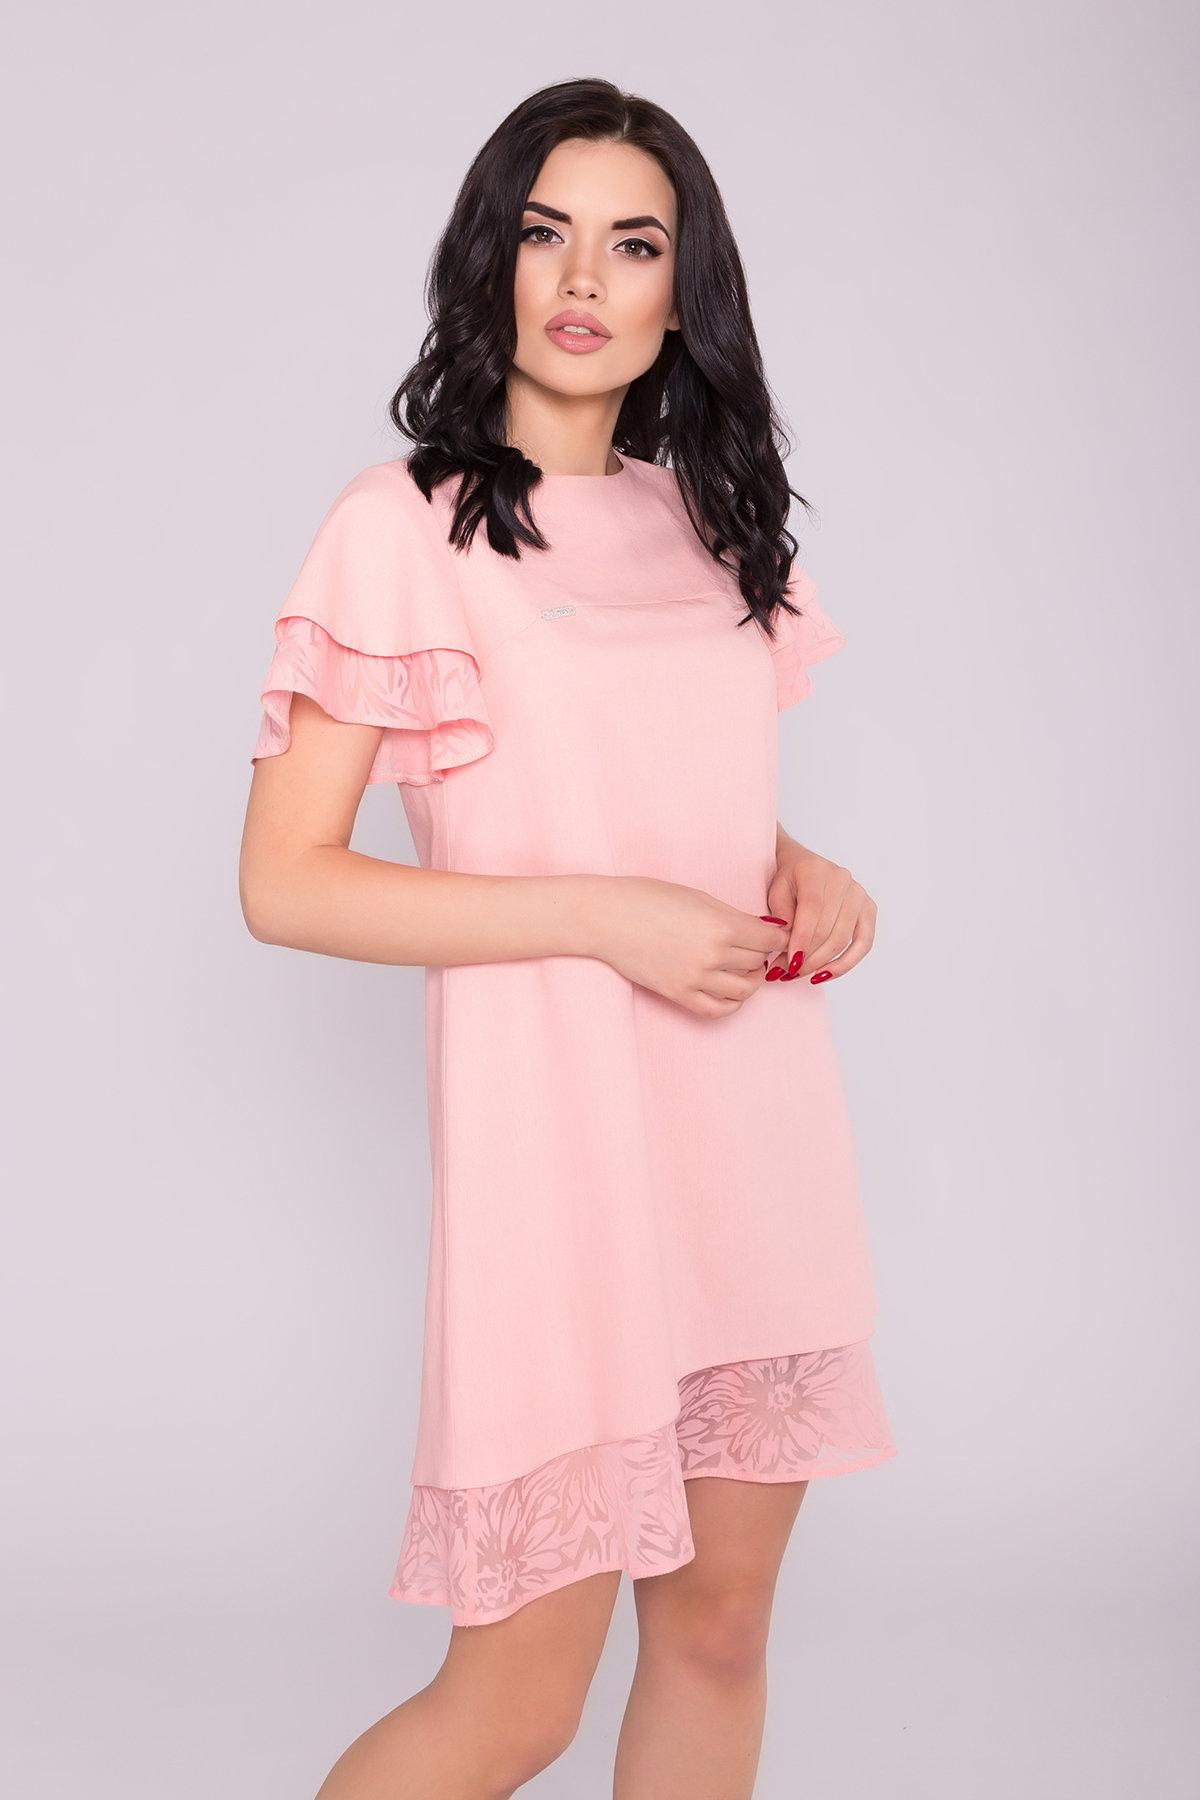 Платье Романтик 4986 АРТ. 35307 Цвет: Пудра 7 - фото 3, интернет магазин tm-modus.ru